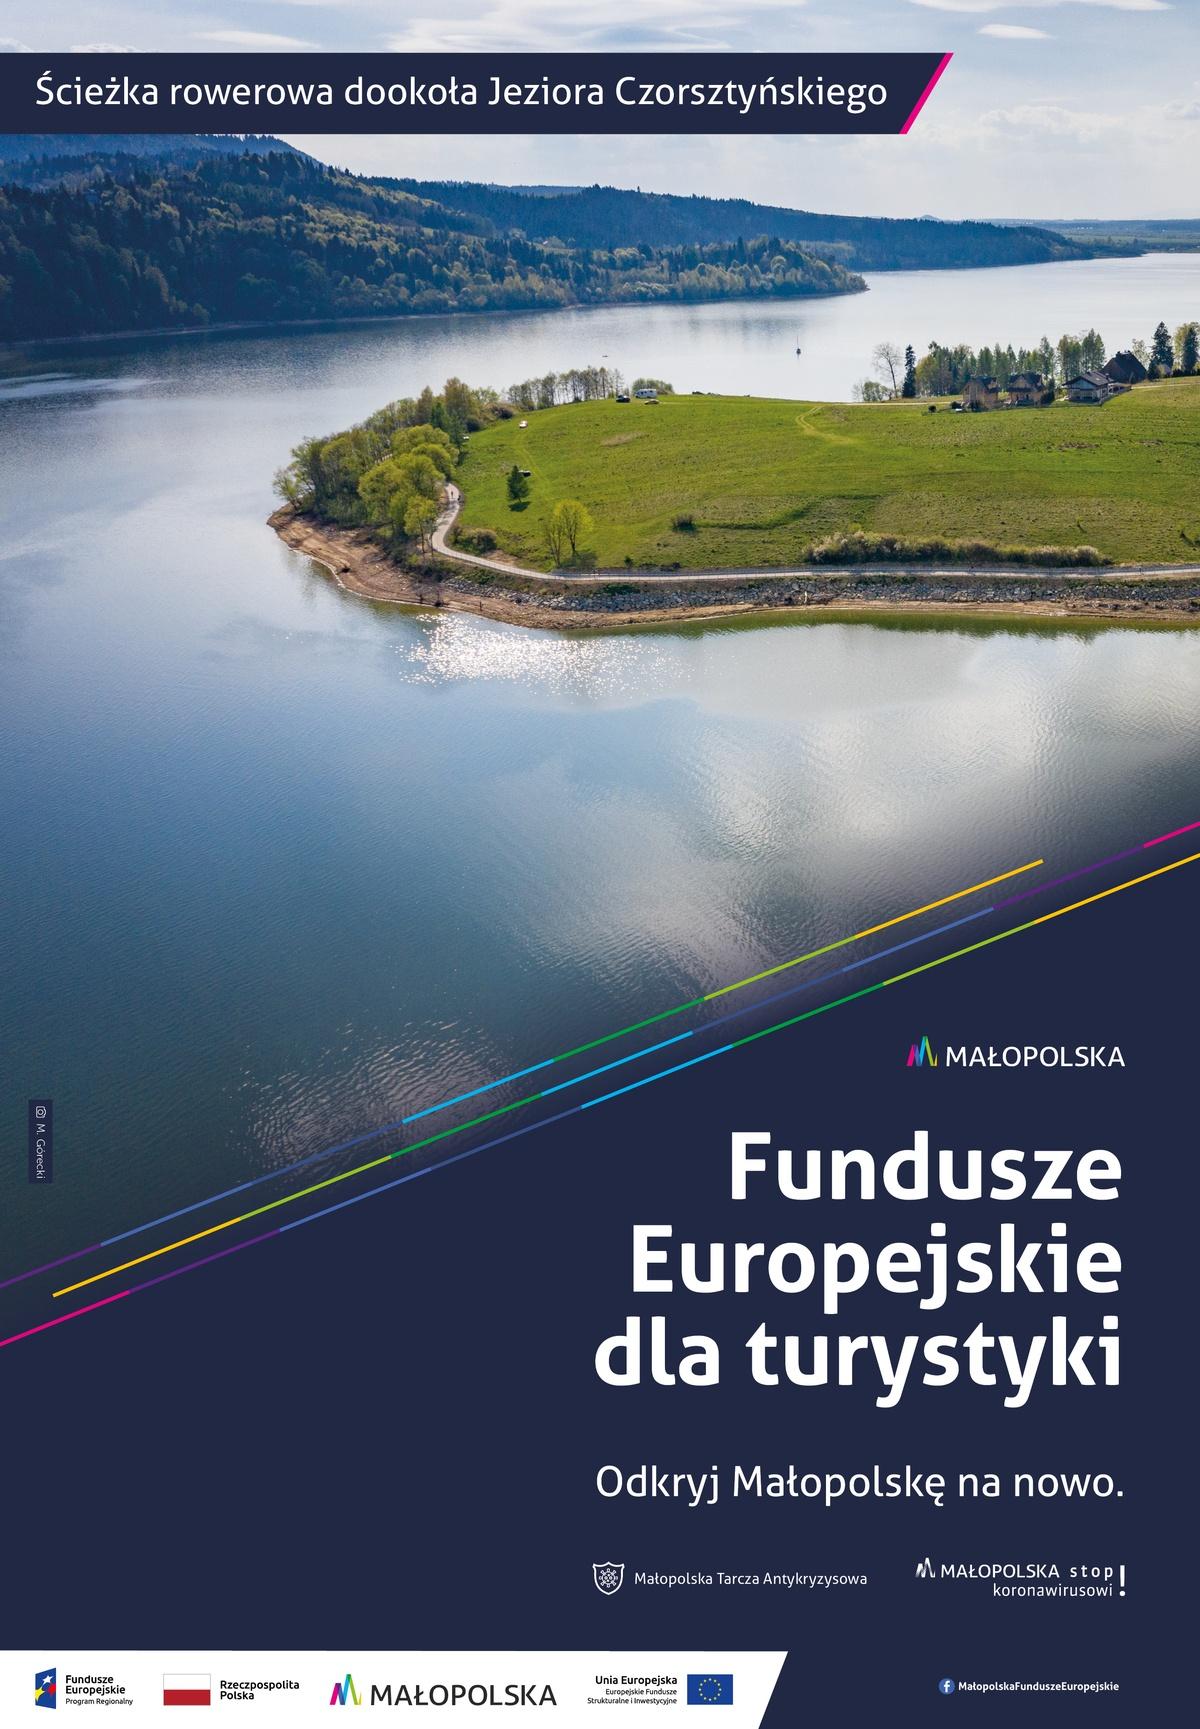 Plakat promujący trasę rowerową dookoła Jeziora Czorsztyńskiego